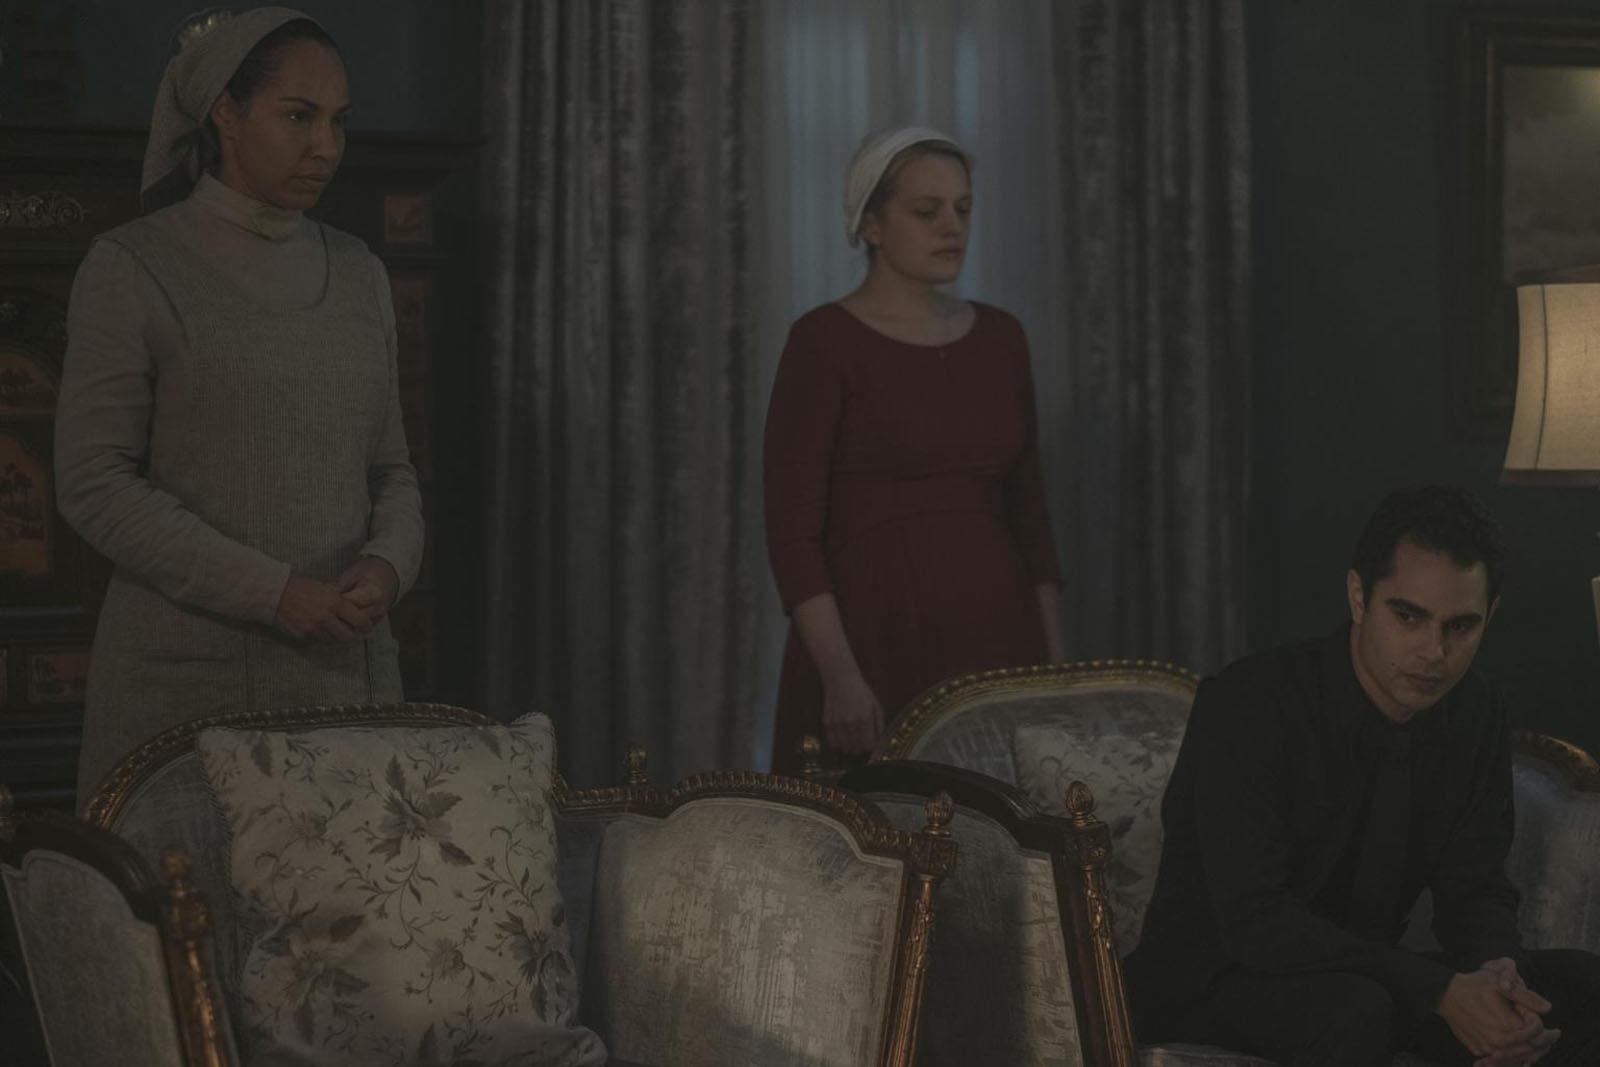 [Séries TV] The Handmaid's Tale : la servante écarlate, Saisons 1 à 3 2214684